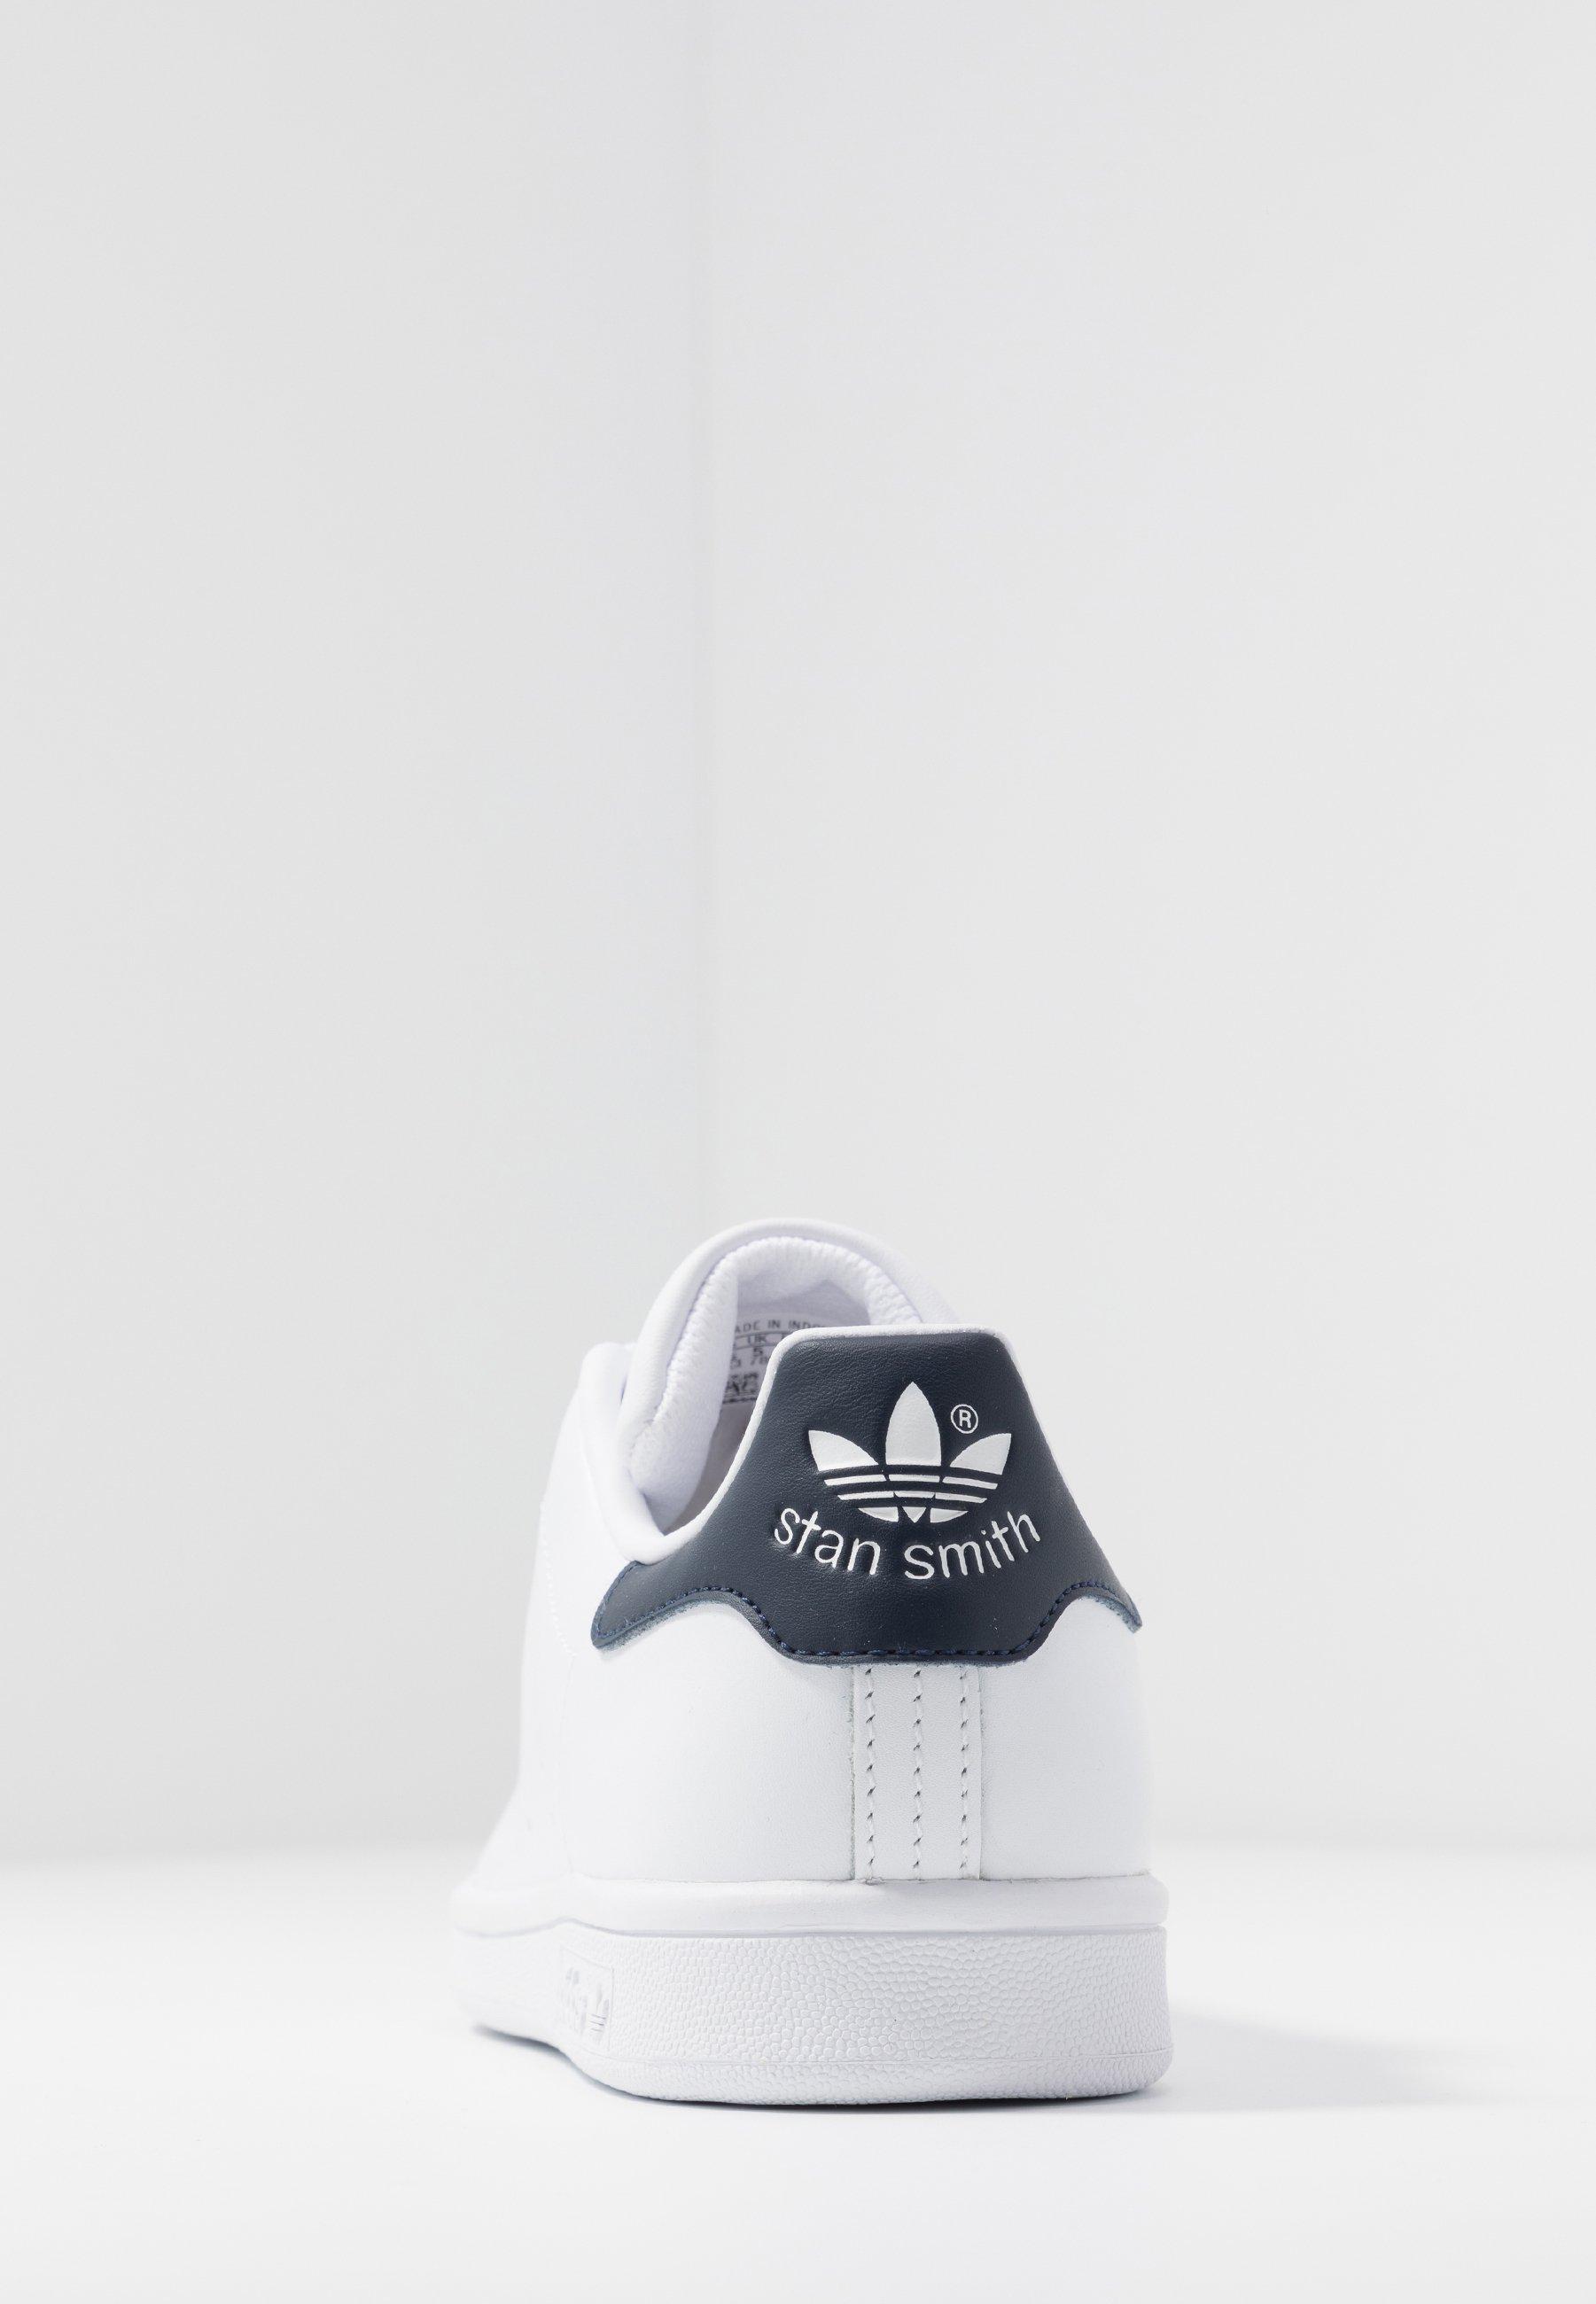 Adidas Originals Stan Smith - Sneakers Laag Footwear White/collegiate Navy Goedkope Schoenen